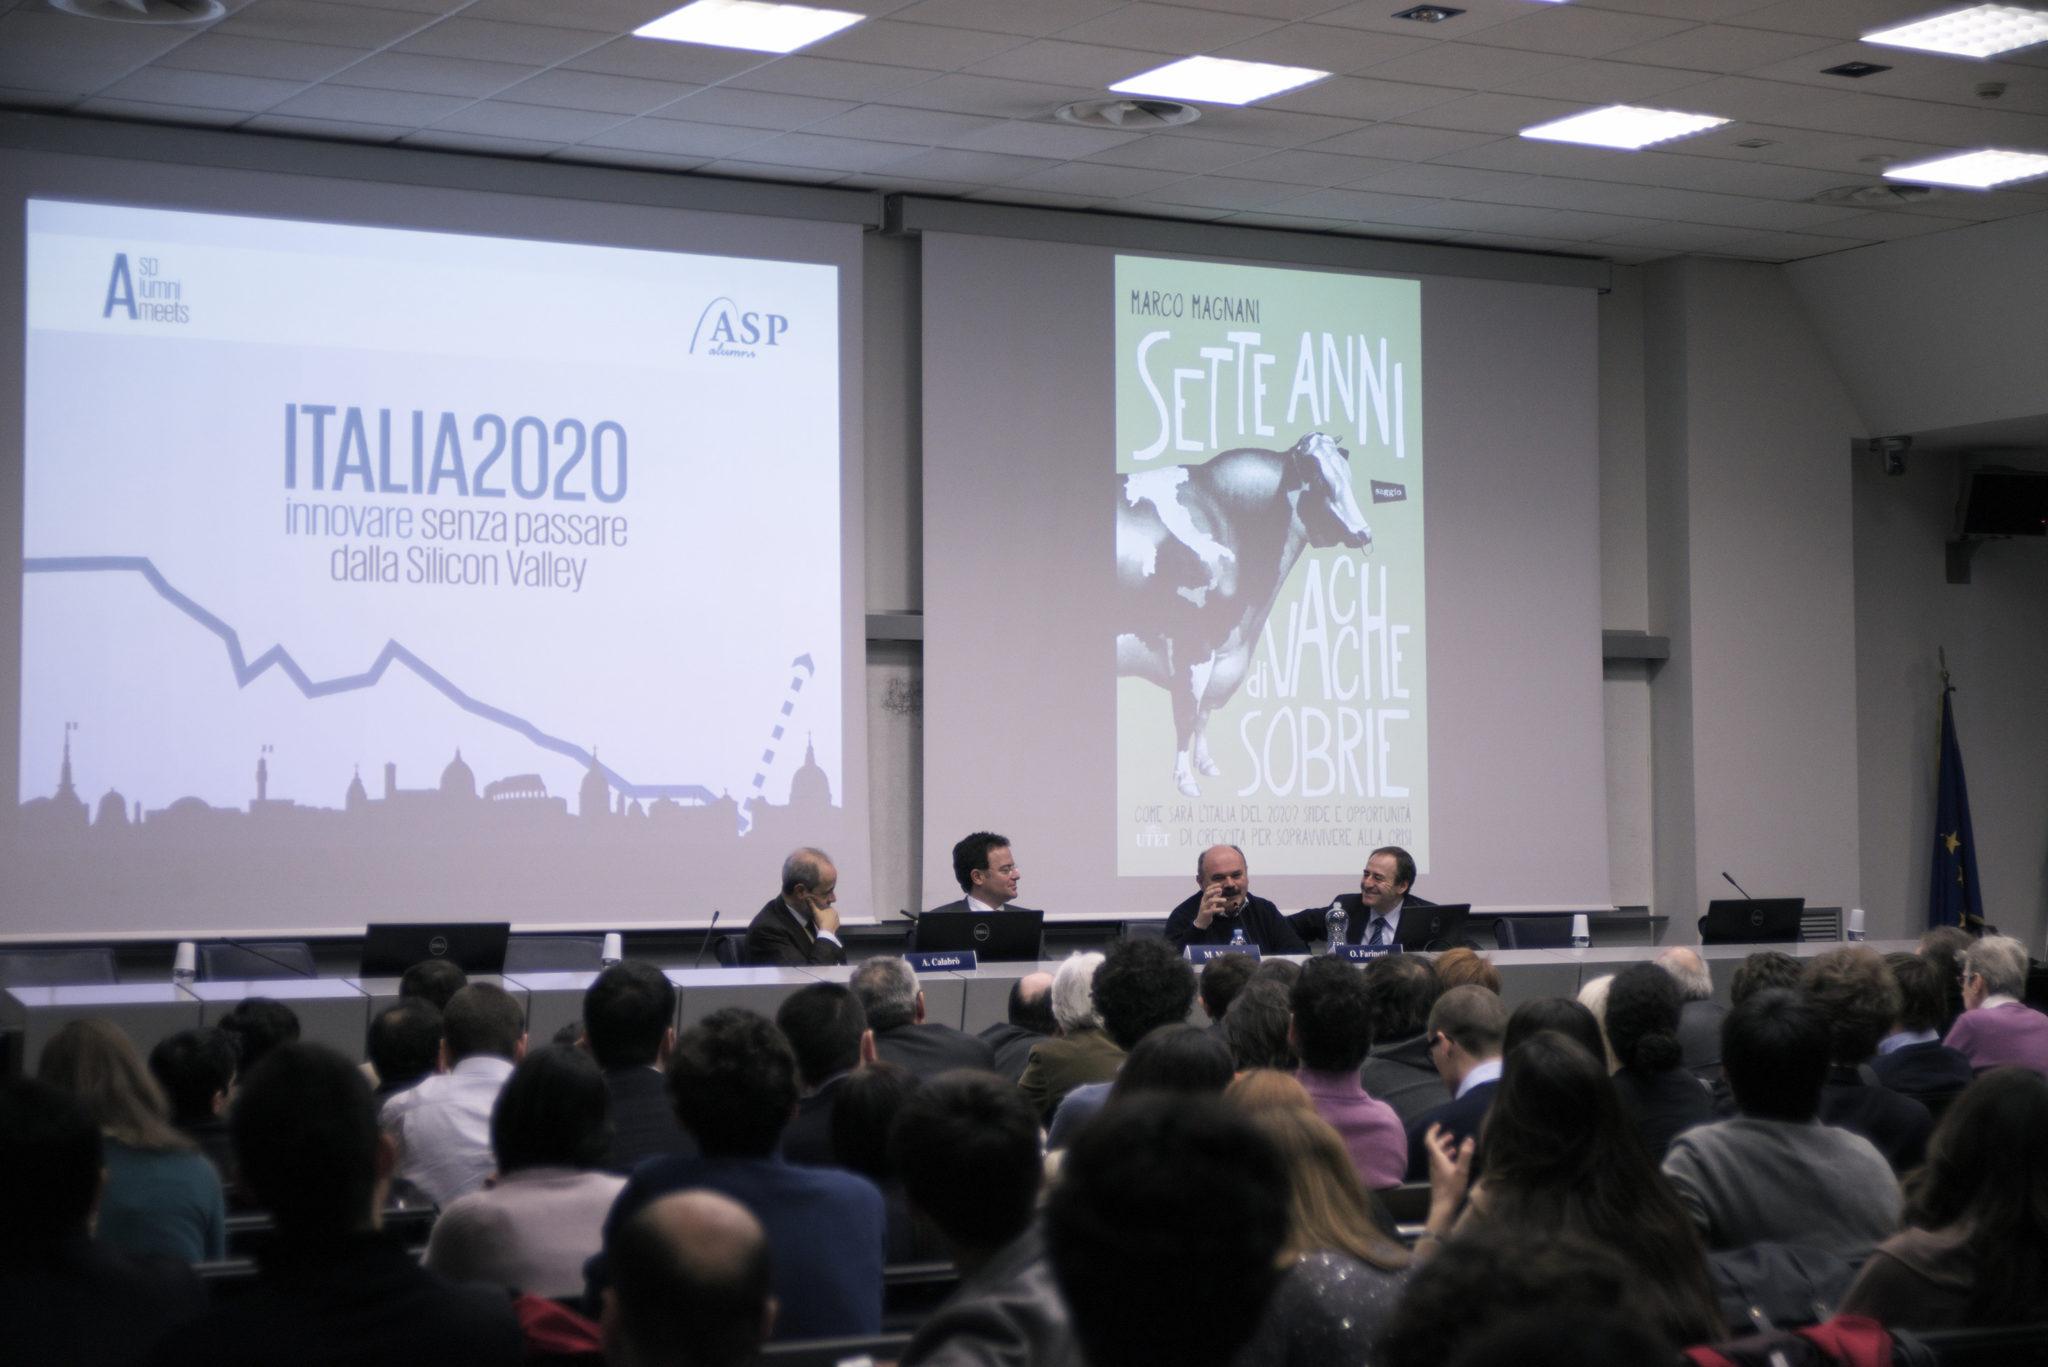 ITALIA2020